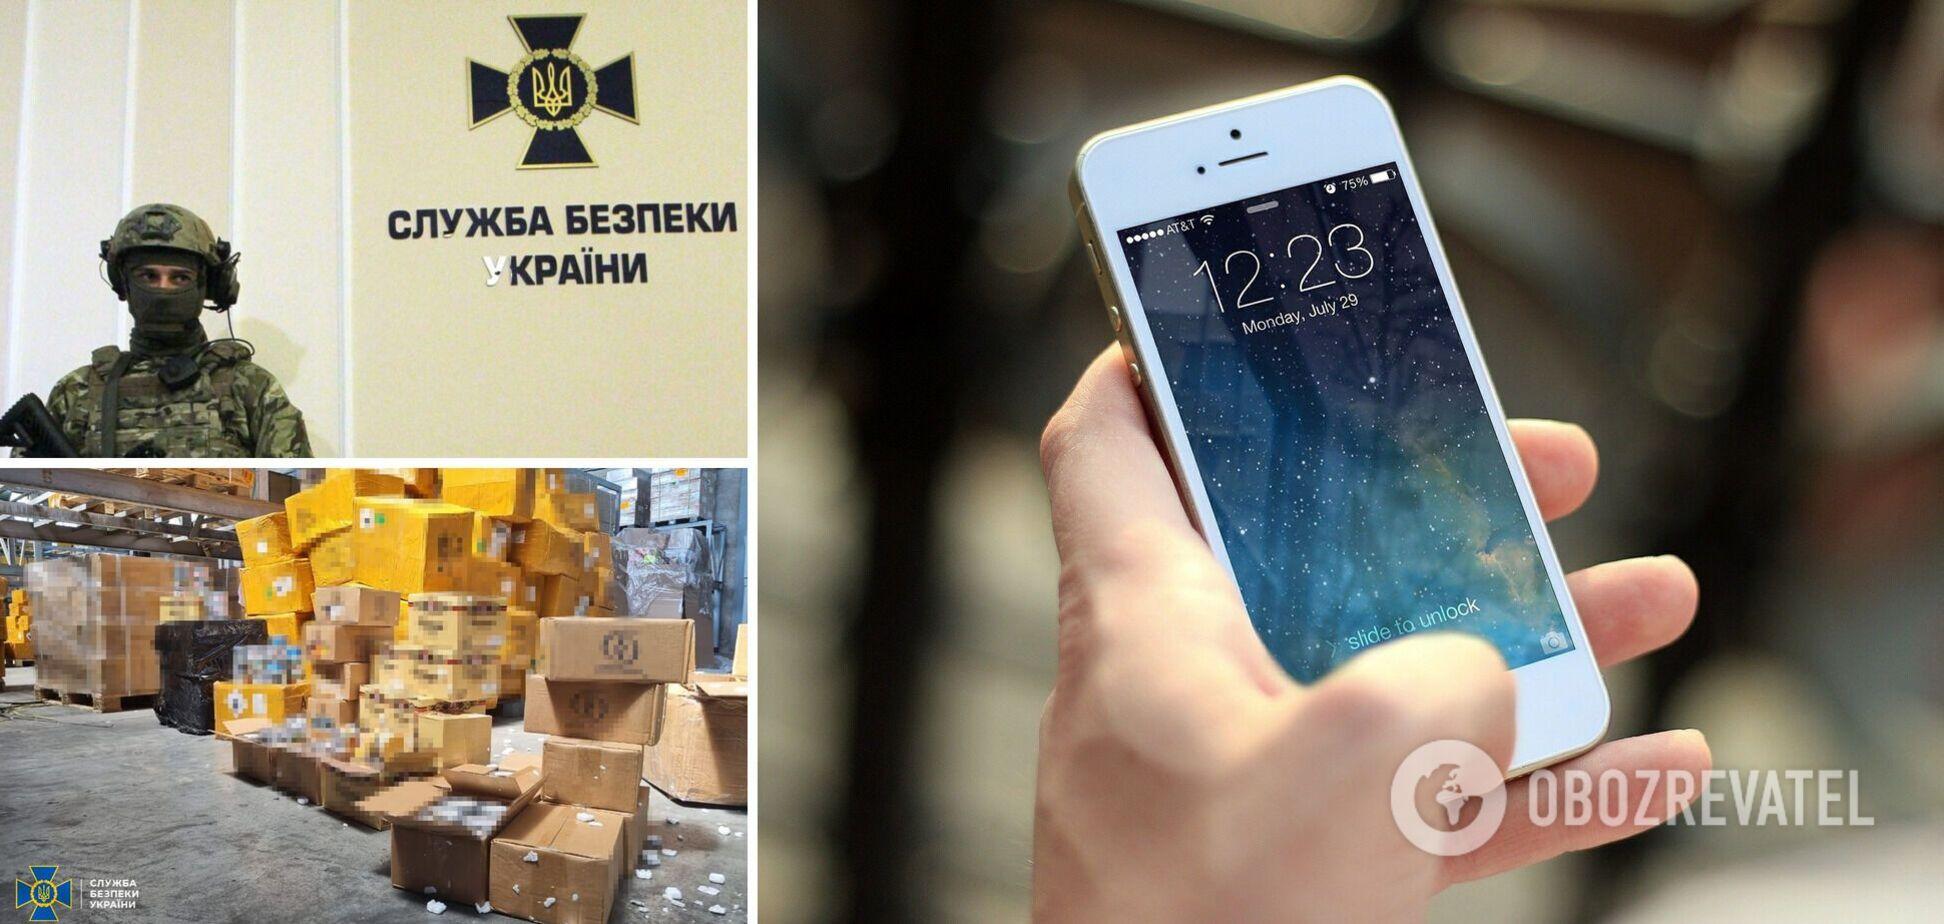 СБУ раскрыла схему контрабанды продукции Apple